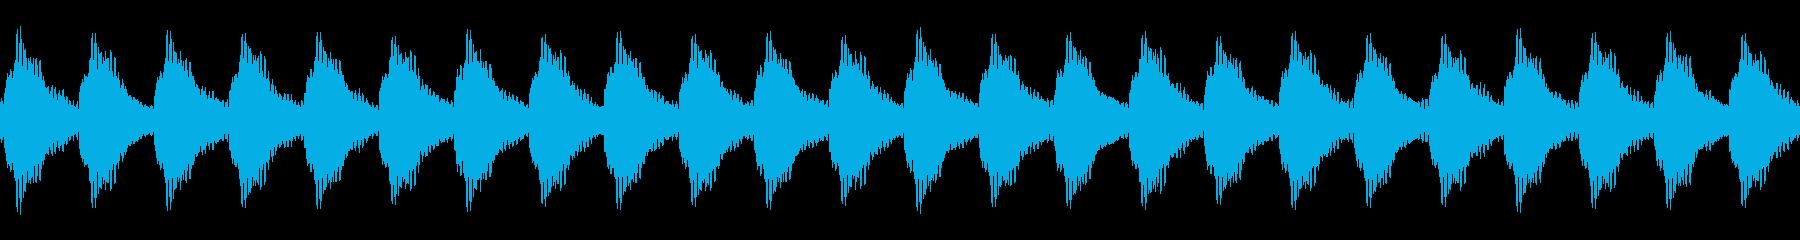 踏切の音01(カンカンカンカン)ループの再生済みの波形